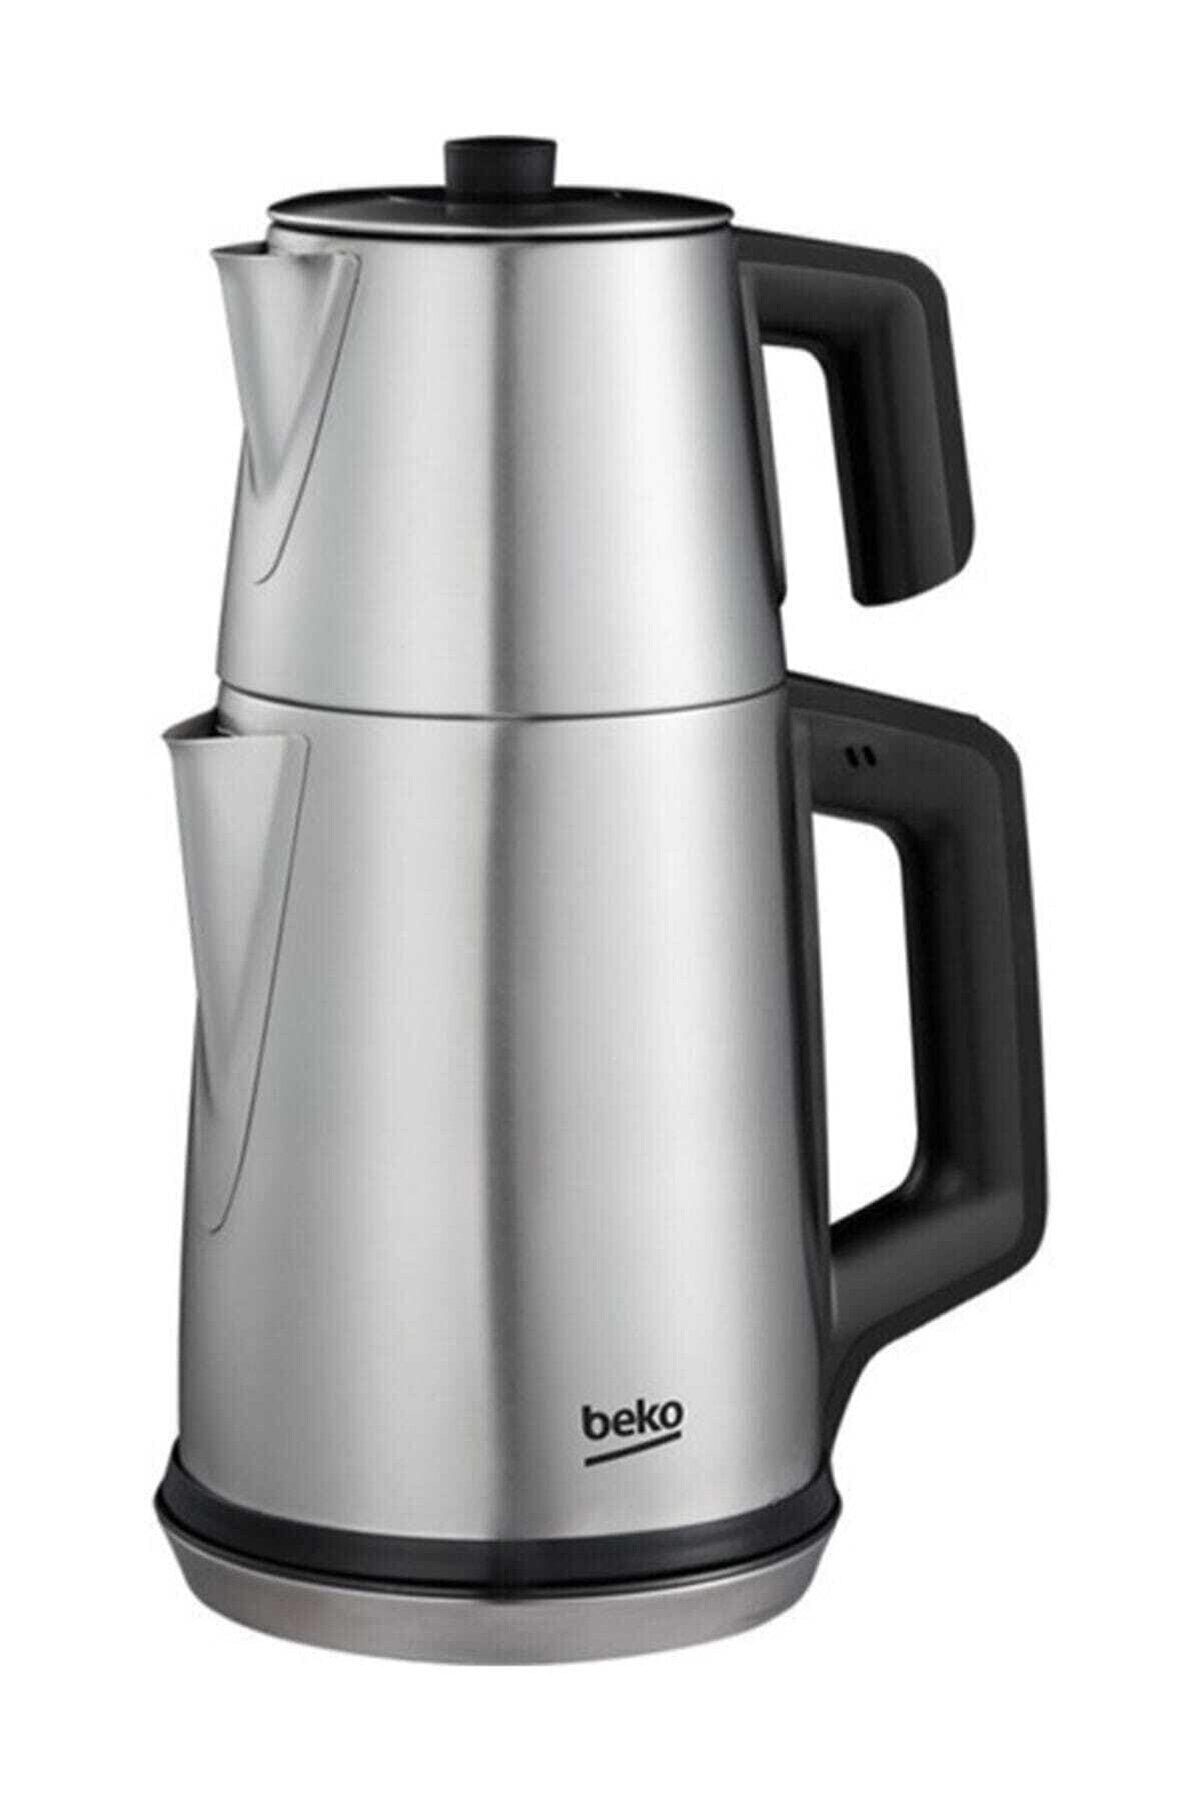 Beko Bkk 2220 In Inoks Çelik Çaycı